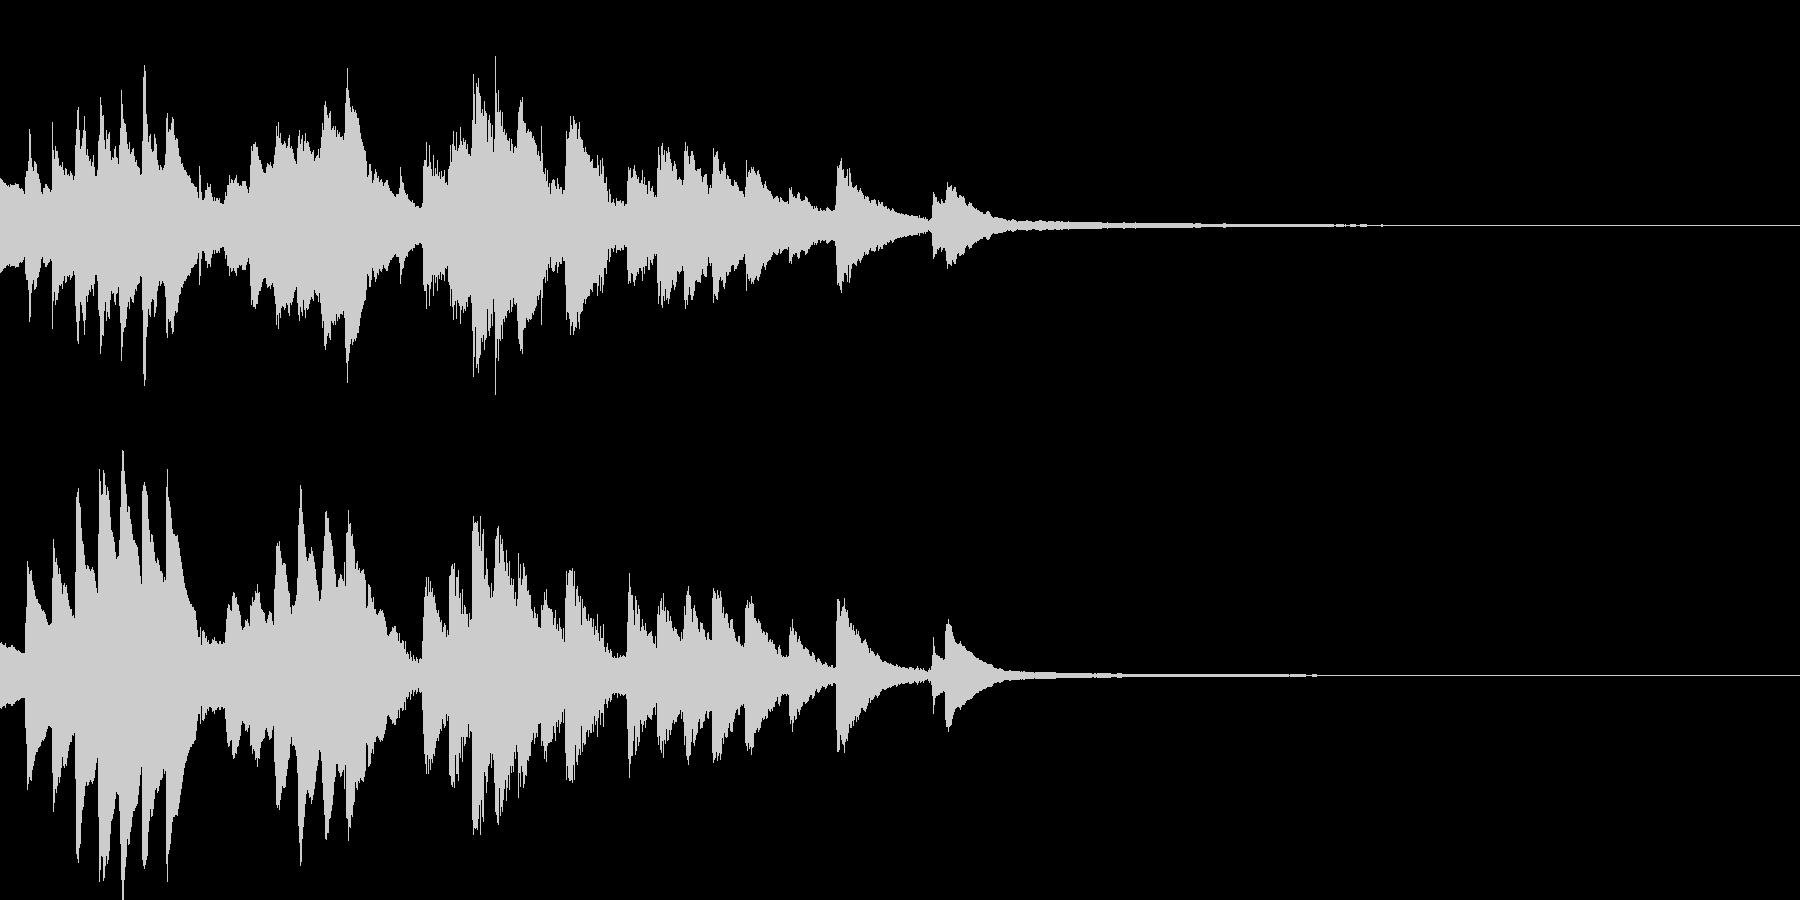 ほのぼのした雰囲気のピアノのジングルの未再生の波形